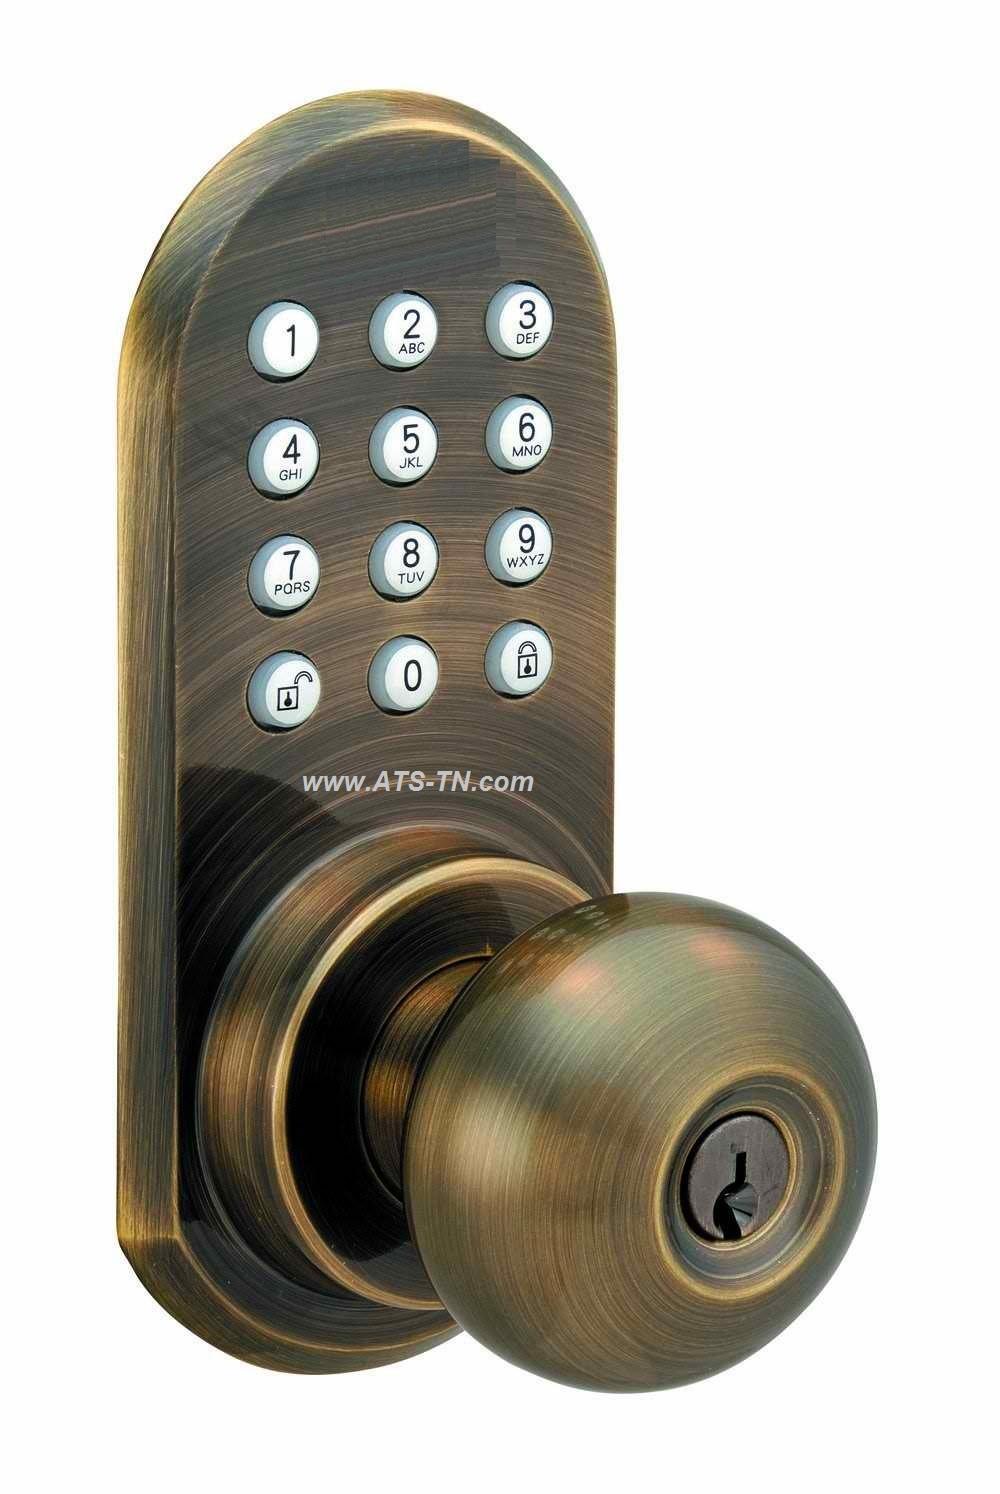 remote control door knob photo - 6